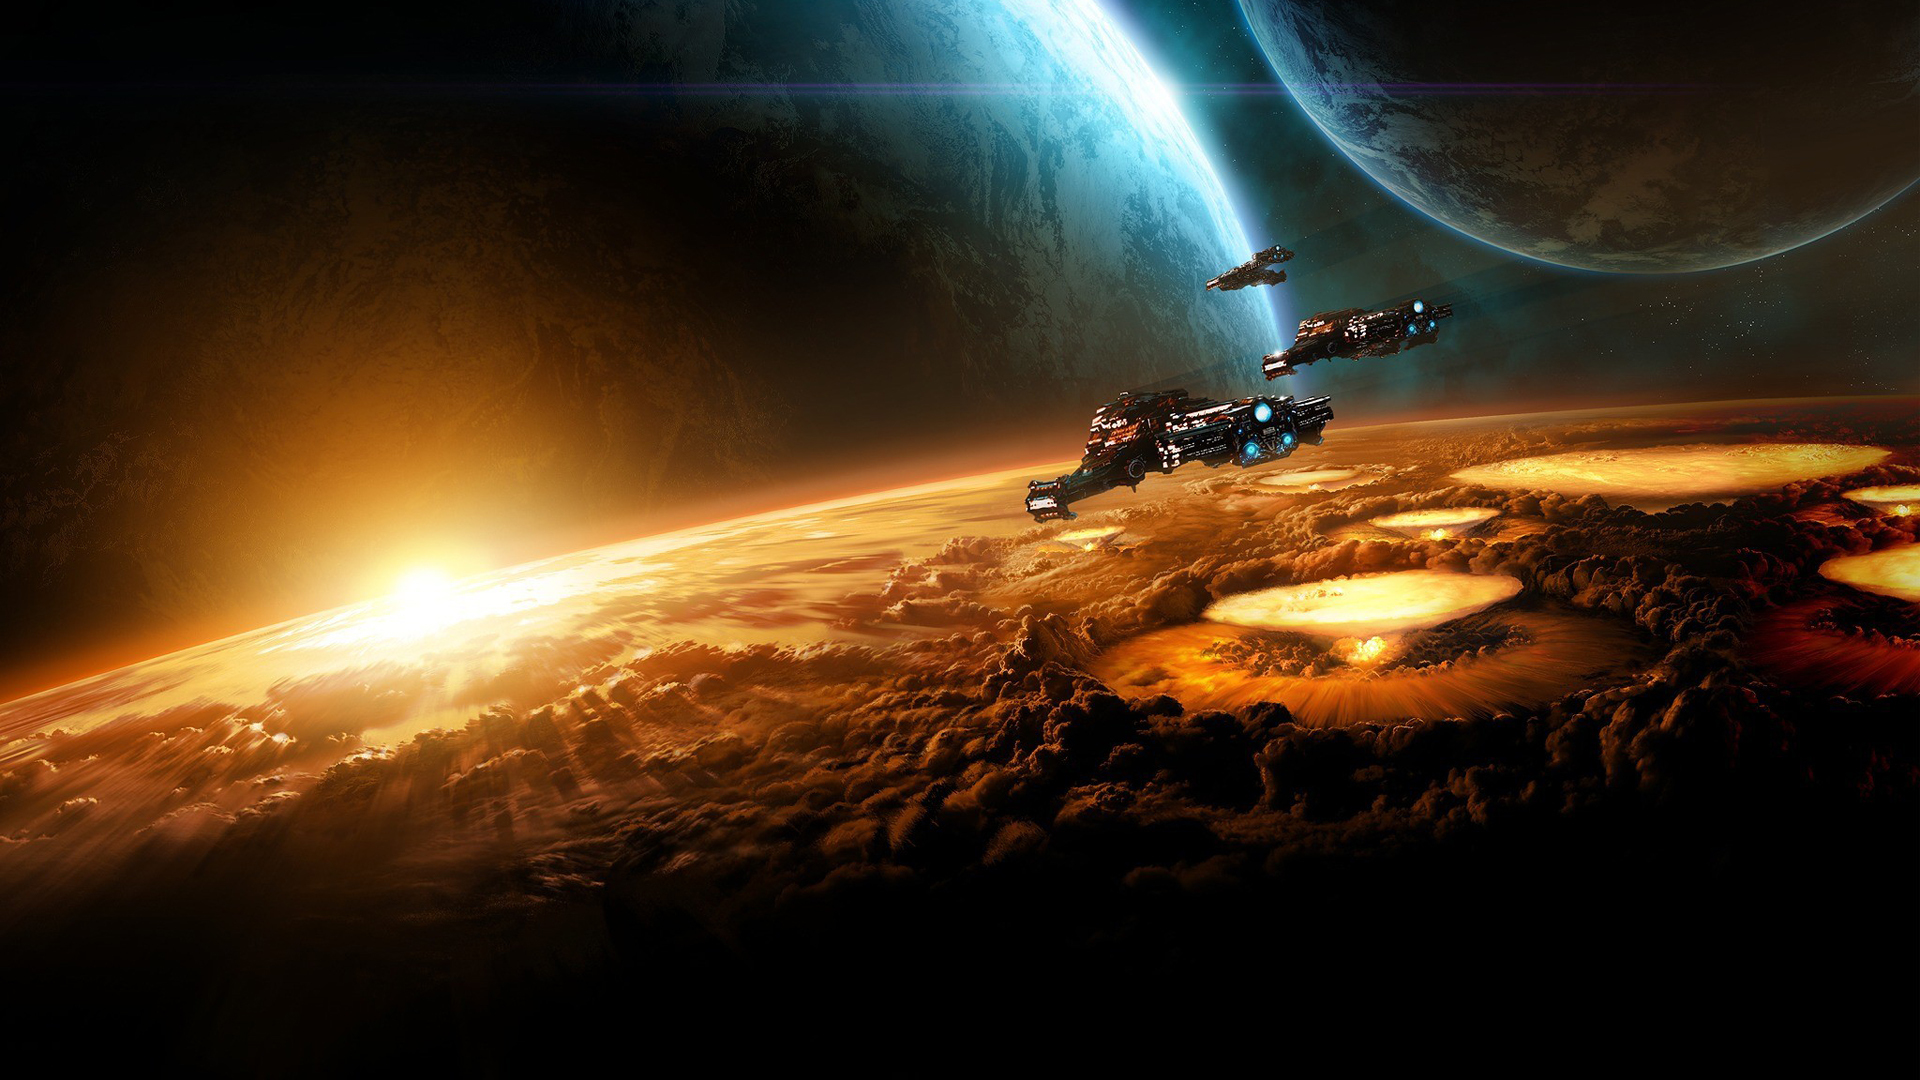 обои Космические корабли, планеты, взрывы, кратеры картинки фото